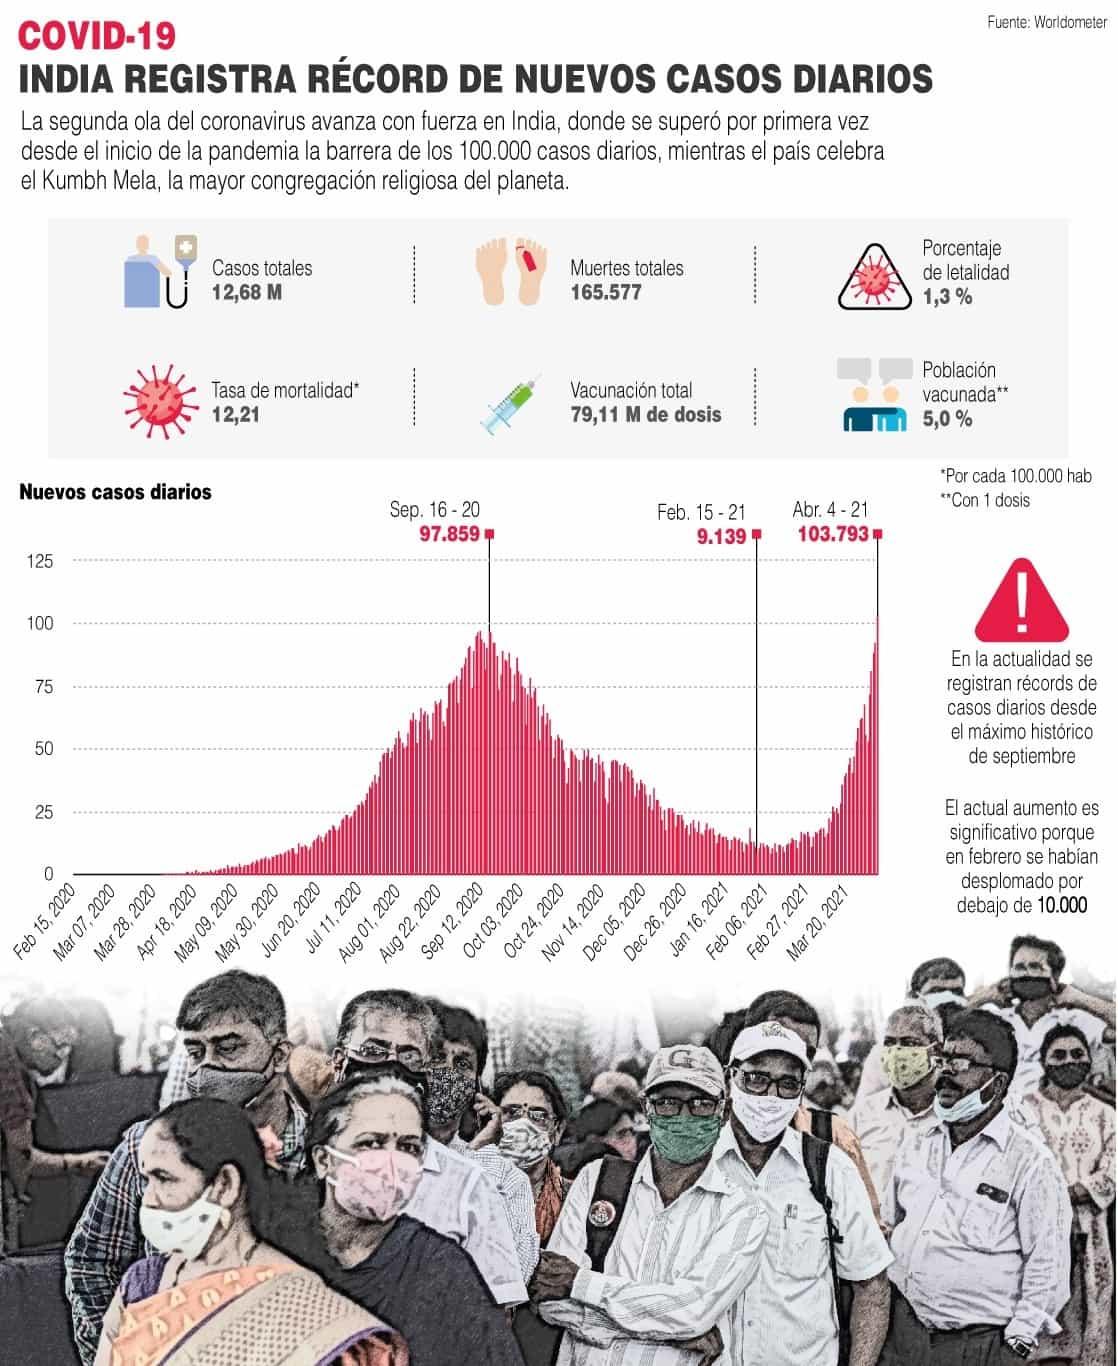 [Infografía] - India registra récord de nuevos casos diarios de COVID-19 1